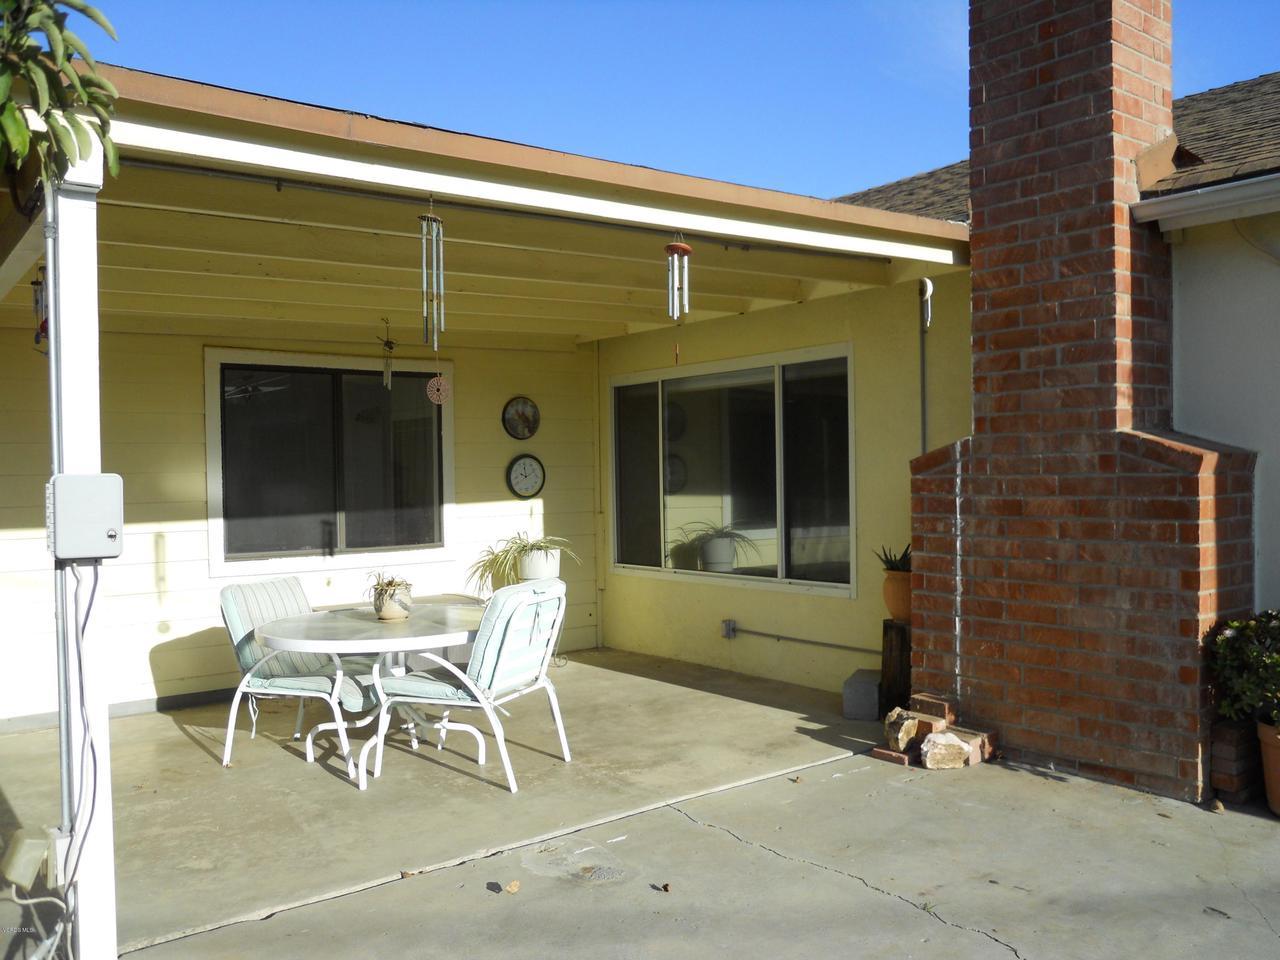 1207 SEYBOLT, Camarillo, CA 93010 - Backyard Patio